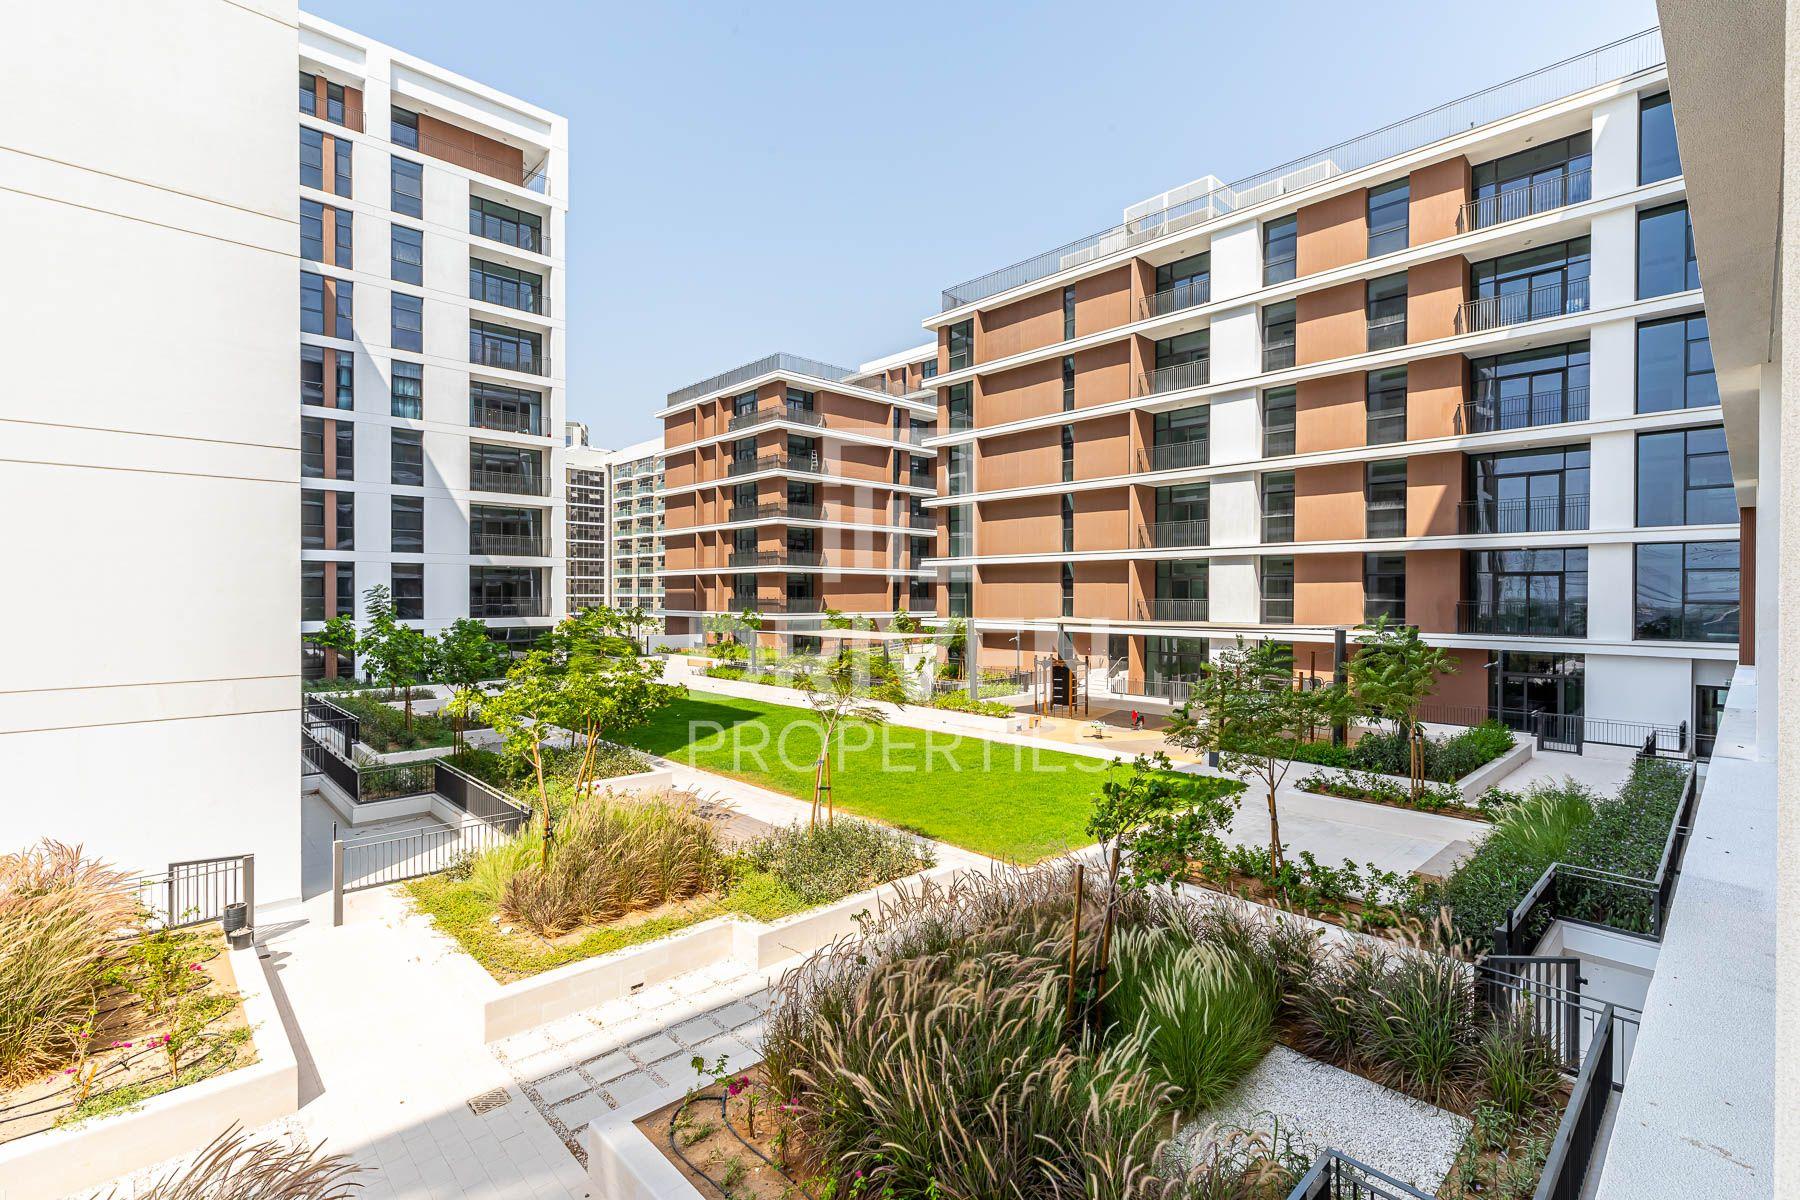 698 قدم مربع  شقة - للايجار - دبي هيلز استيت